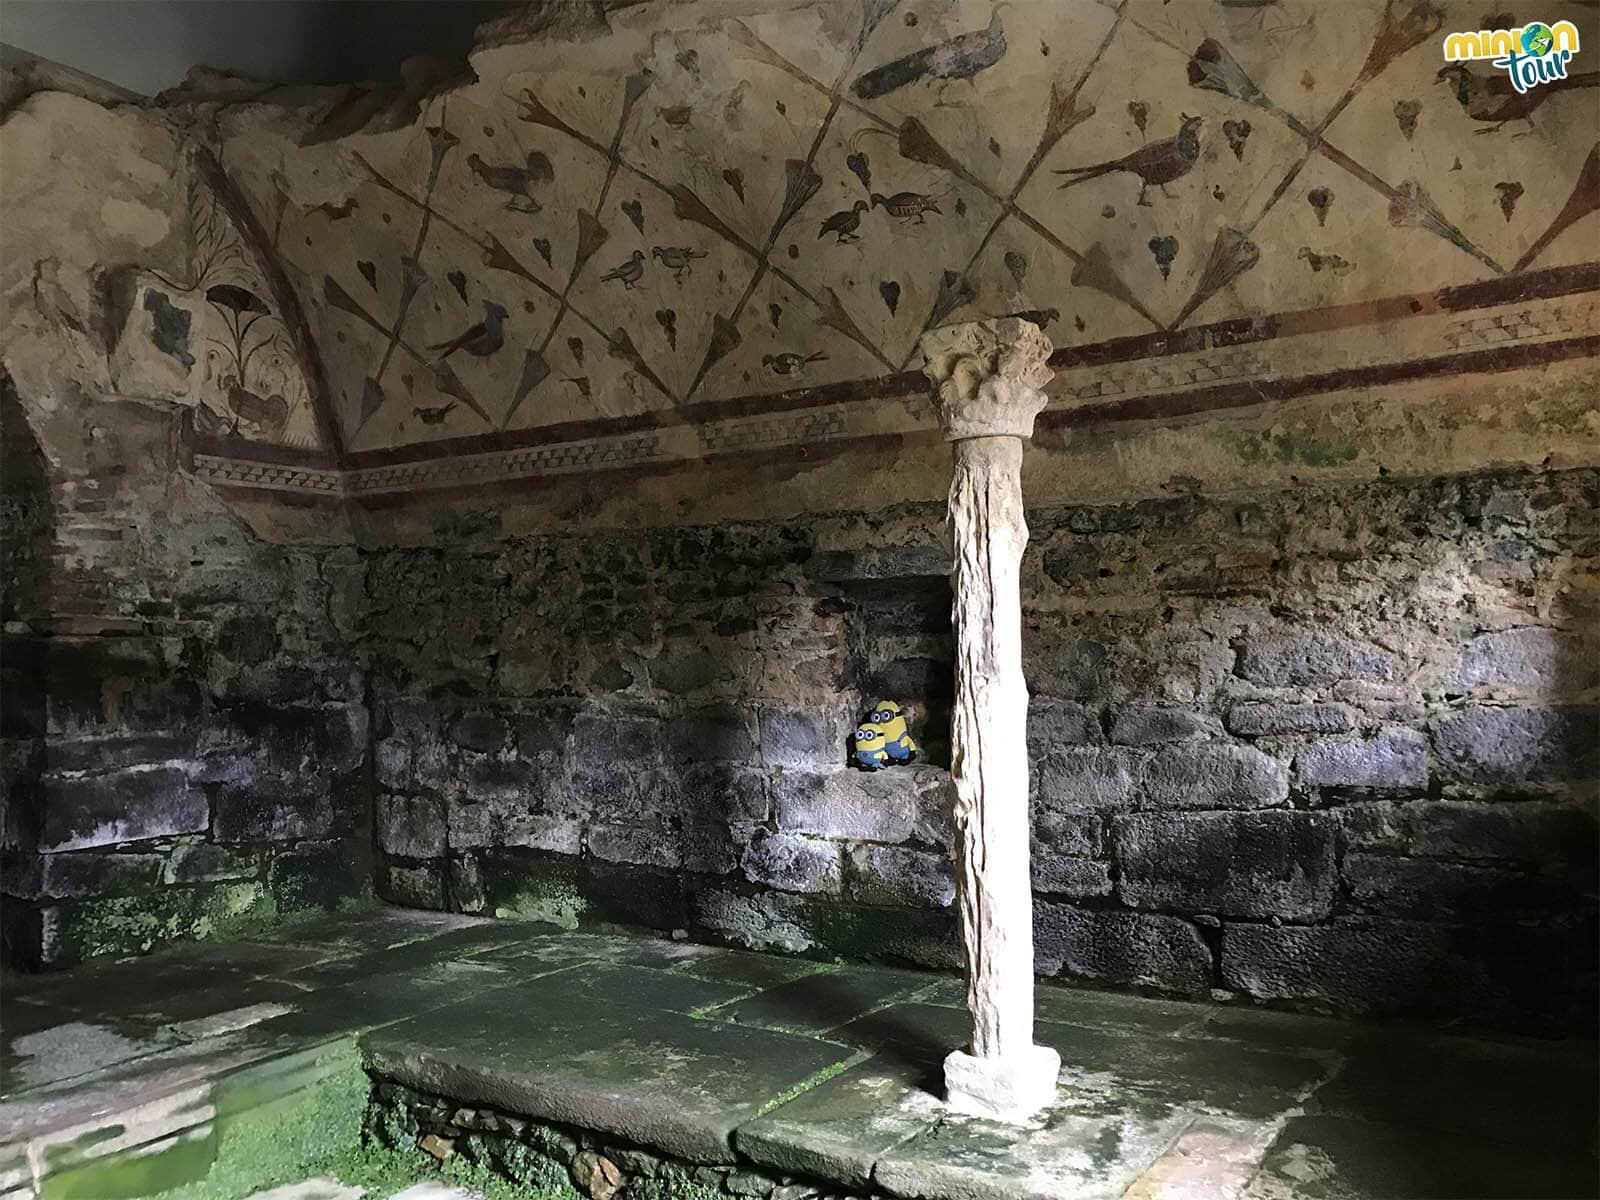 Estamos estudiando las pinturas murales de Santa Eulalia de Bóveda